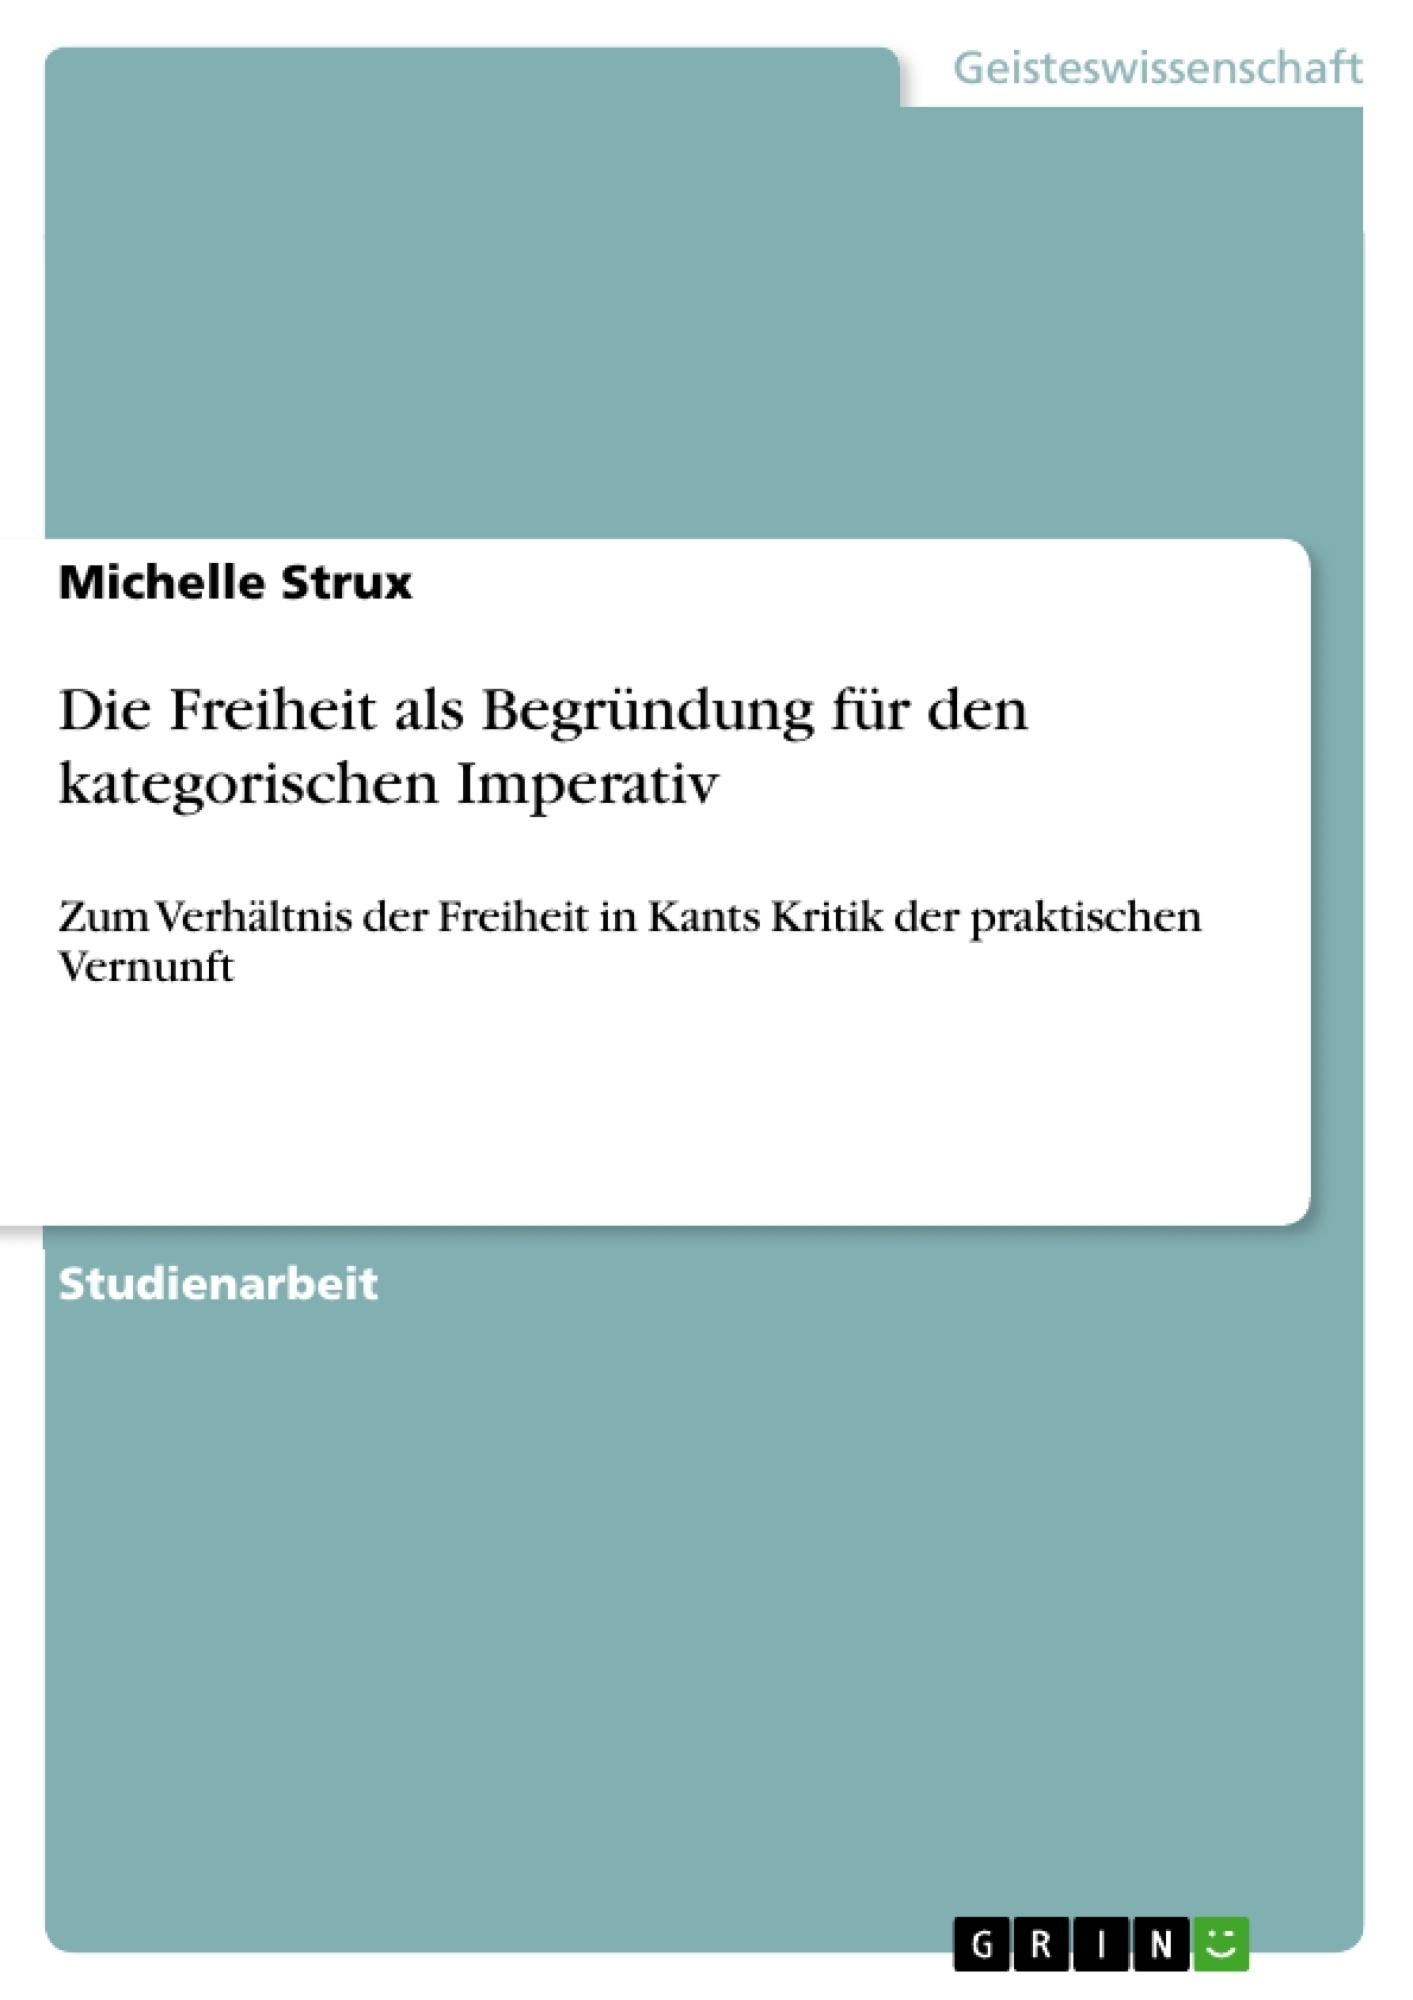 Titel: Die Freiheit als Begründung für den kategorischen Imperativ